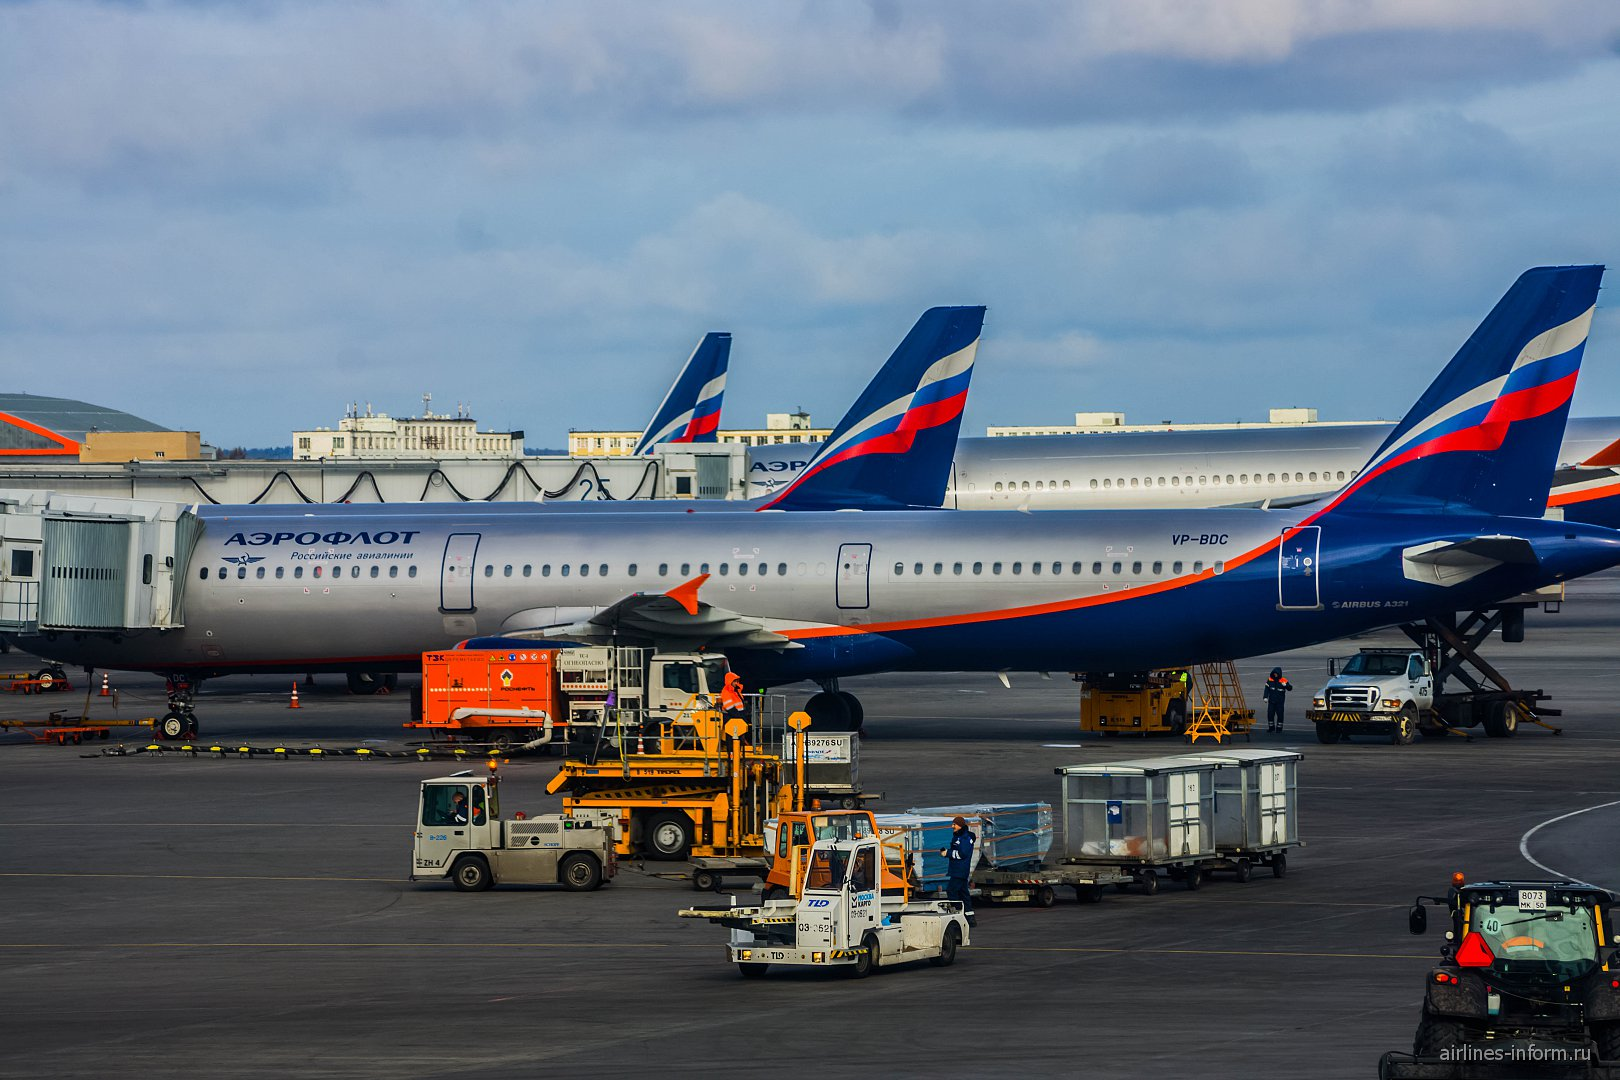 """Airbus A321 VP-BDC """"В. Алекссев"""" в аэропорту Шереметьево"""